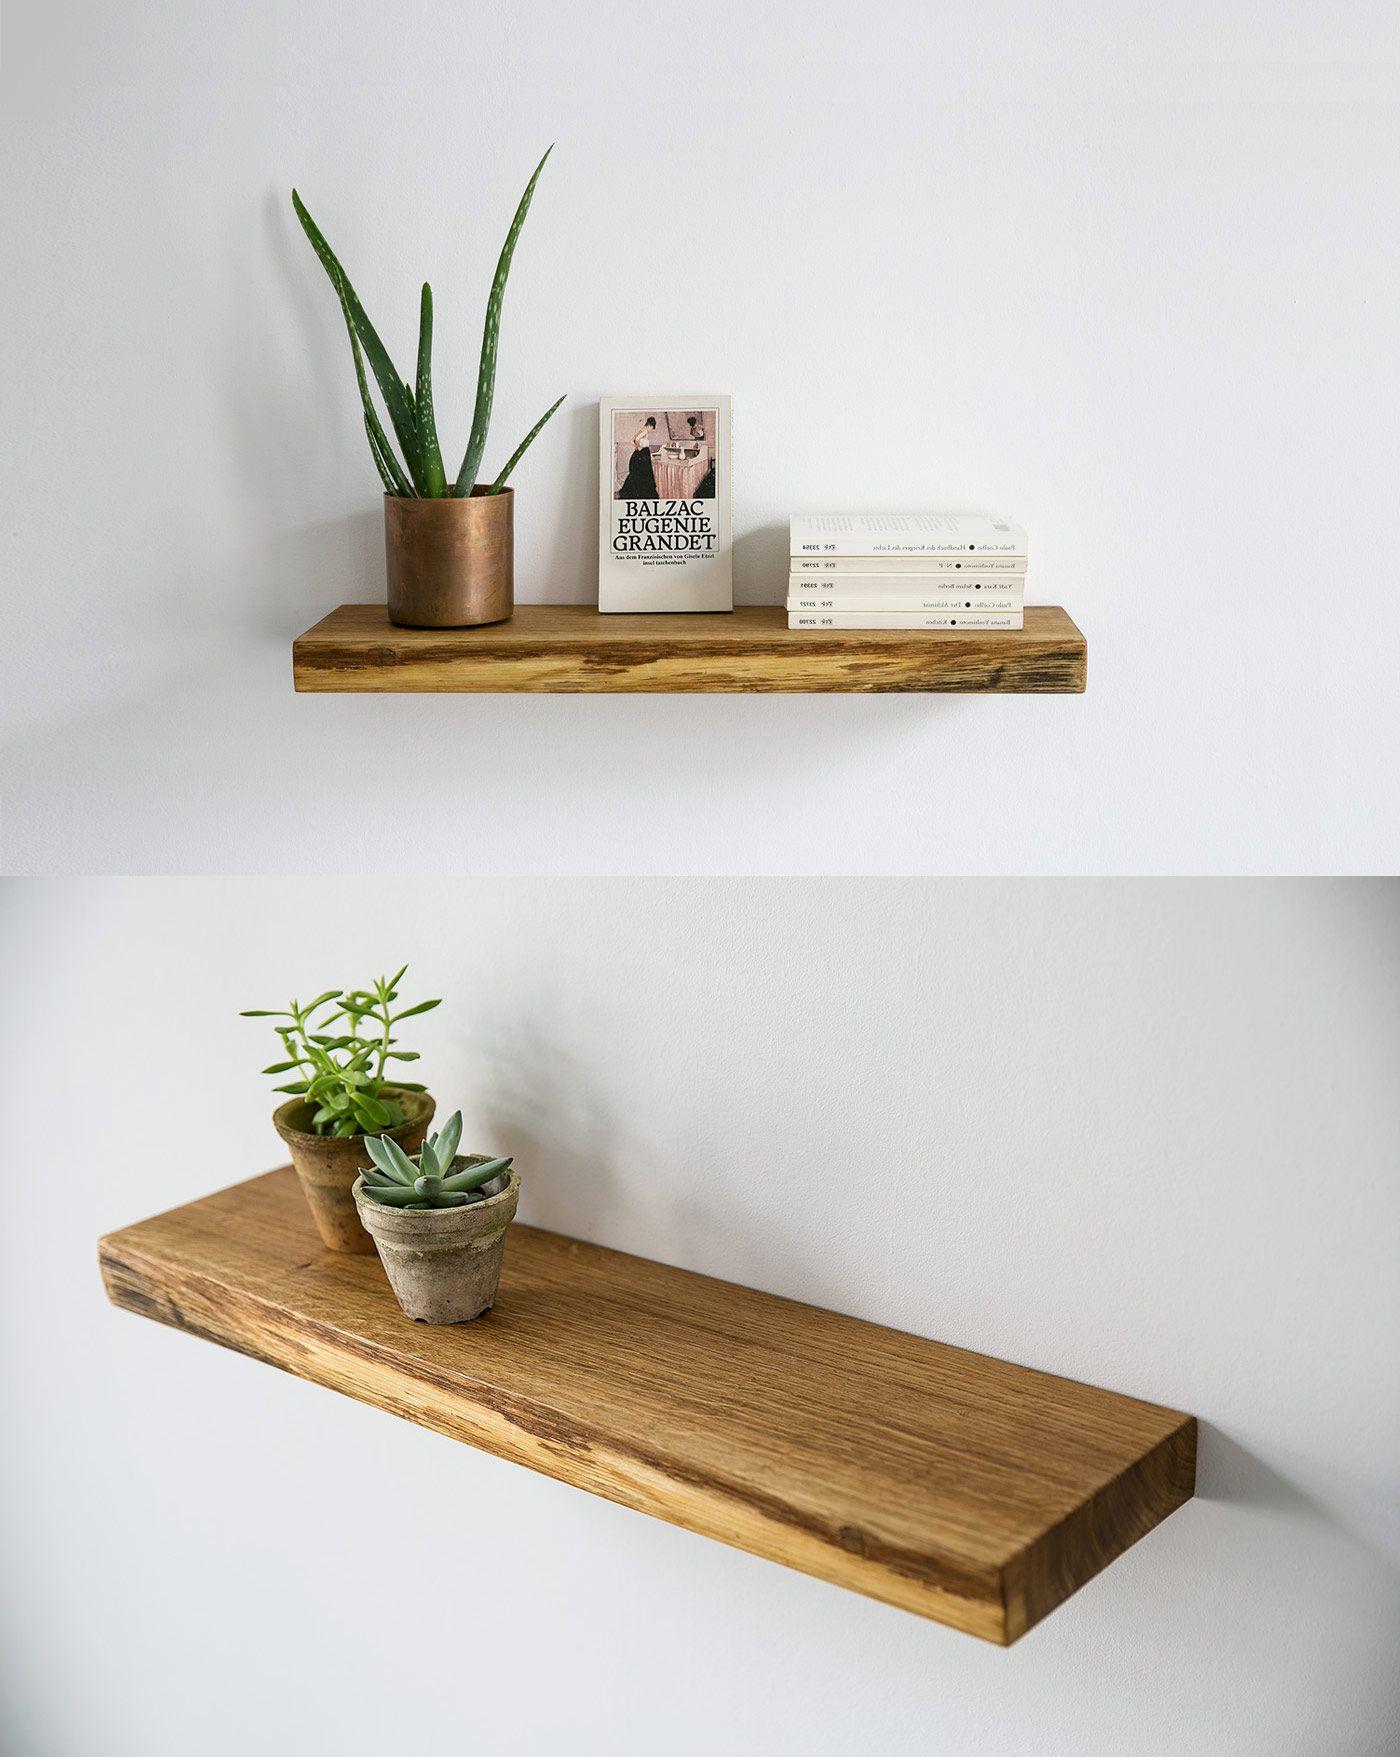 Pin von NUTSANDWOODS auf NUTSANDWOODS - Furniture Design | Pinterest ...